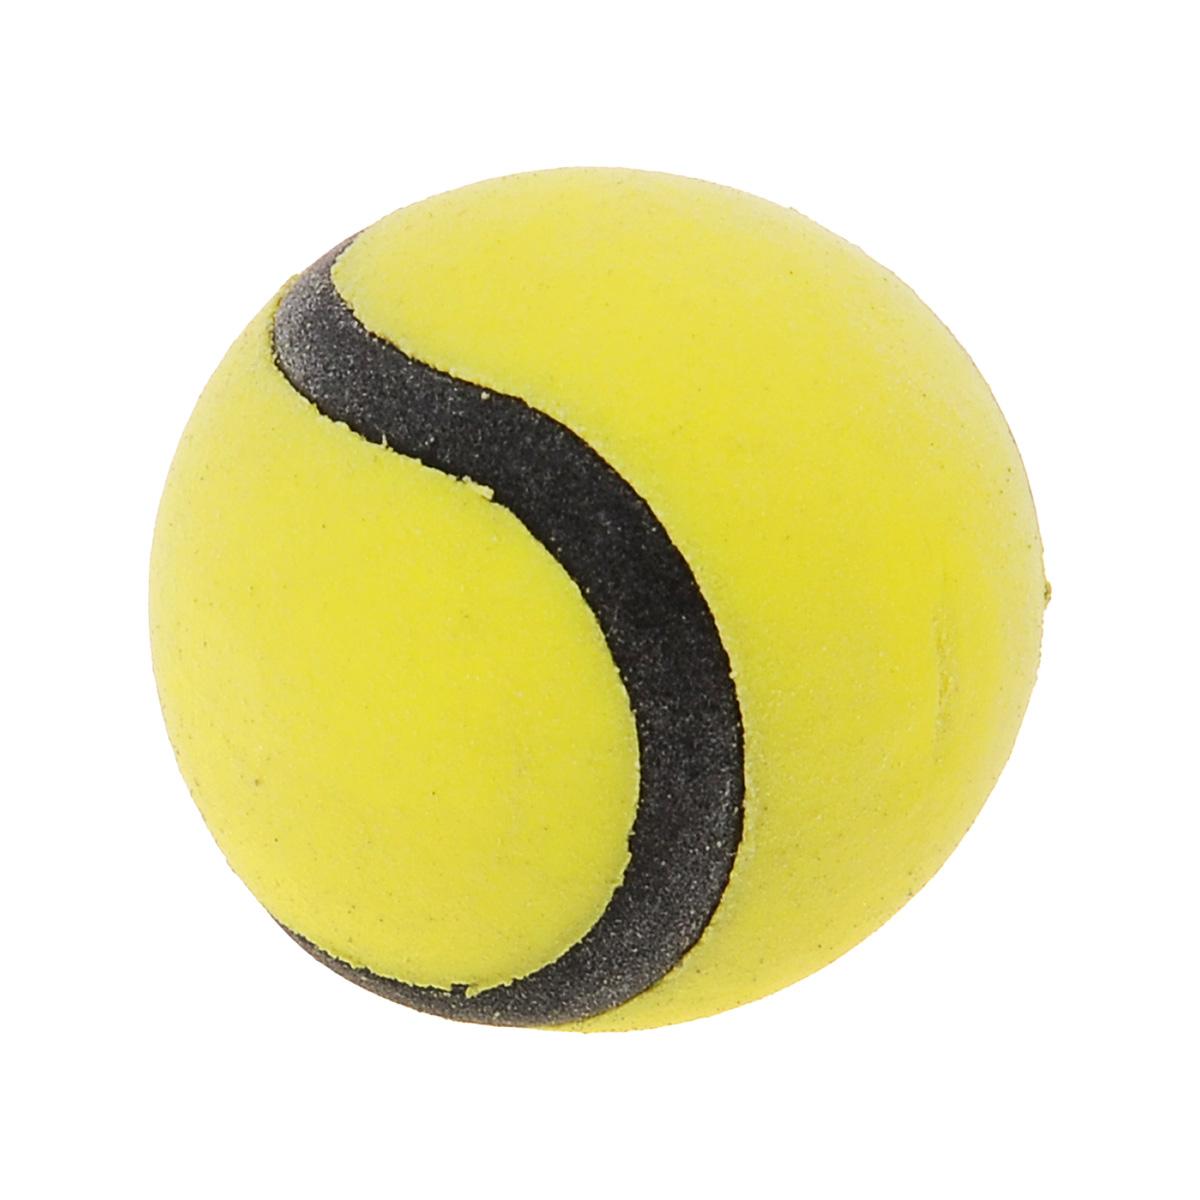 Brunnen Ластик Мячик теннисный, цвет: желтый62155_желтыйЛастик Мячик станет незаменимым аксессуаром на рабочем столе не только школьника или студента, но и офисного работника. Он легко и без следа удаляет надписи, сделанные карандашом.